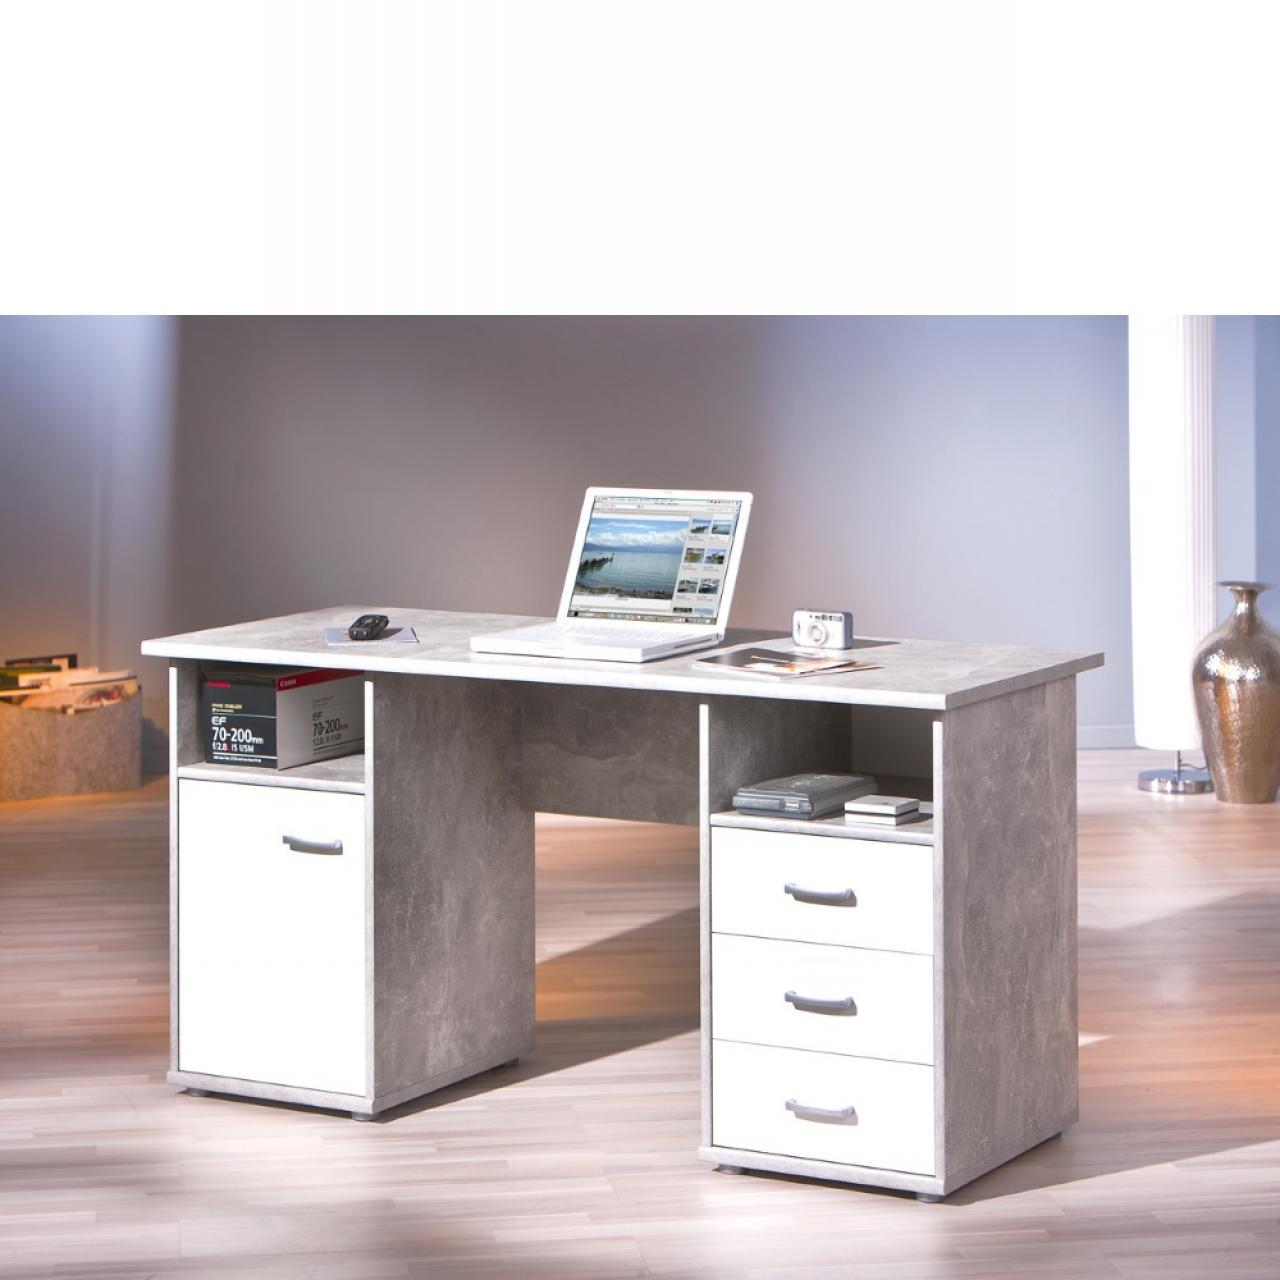 Schreibtisch - Florus - Beton/weiß